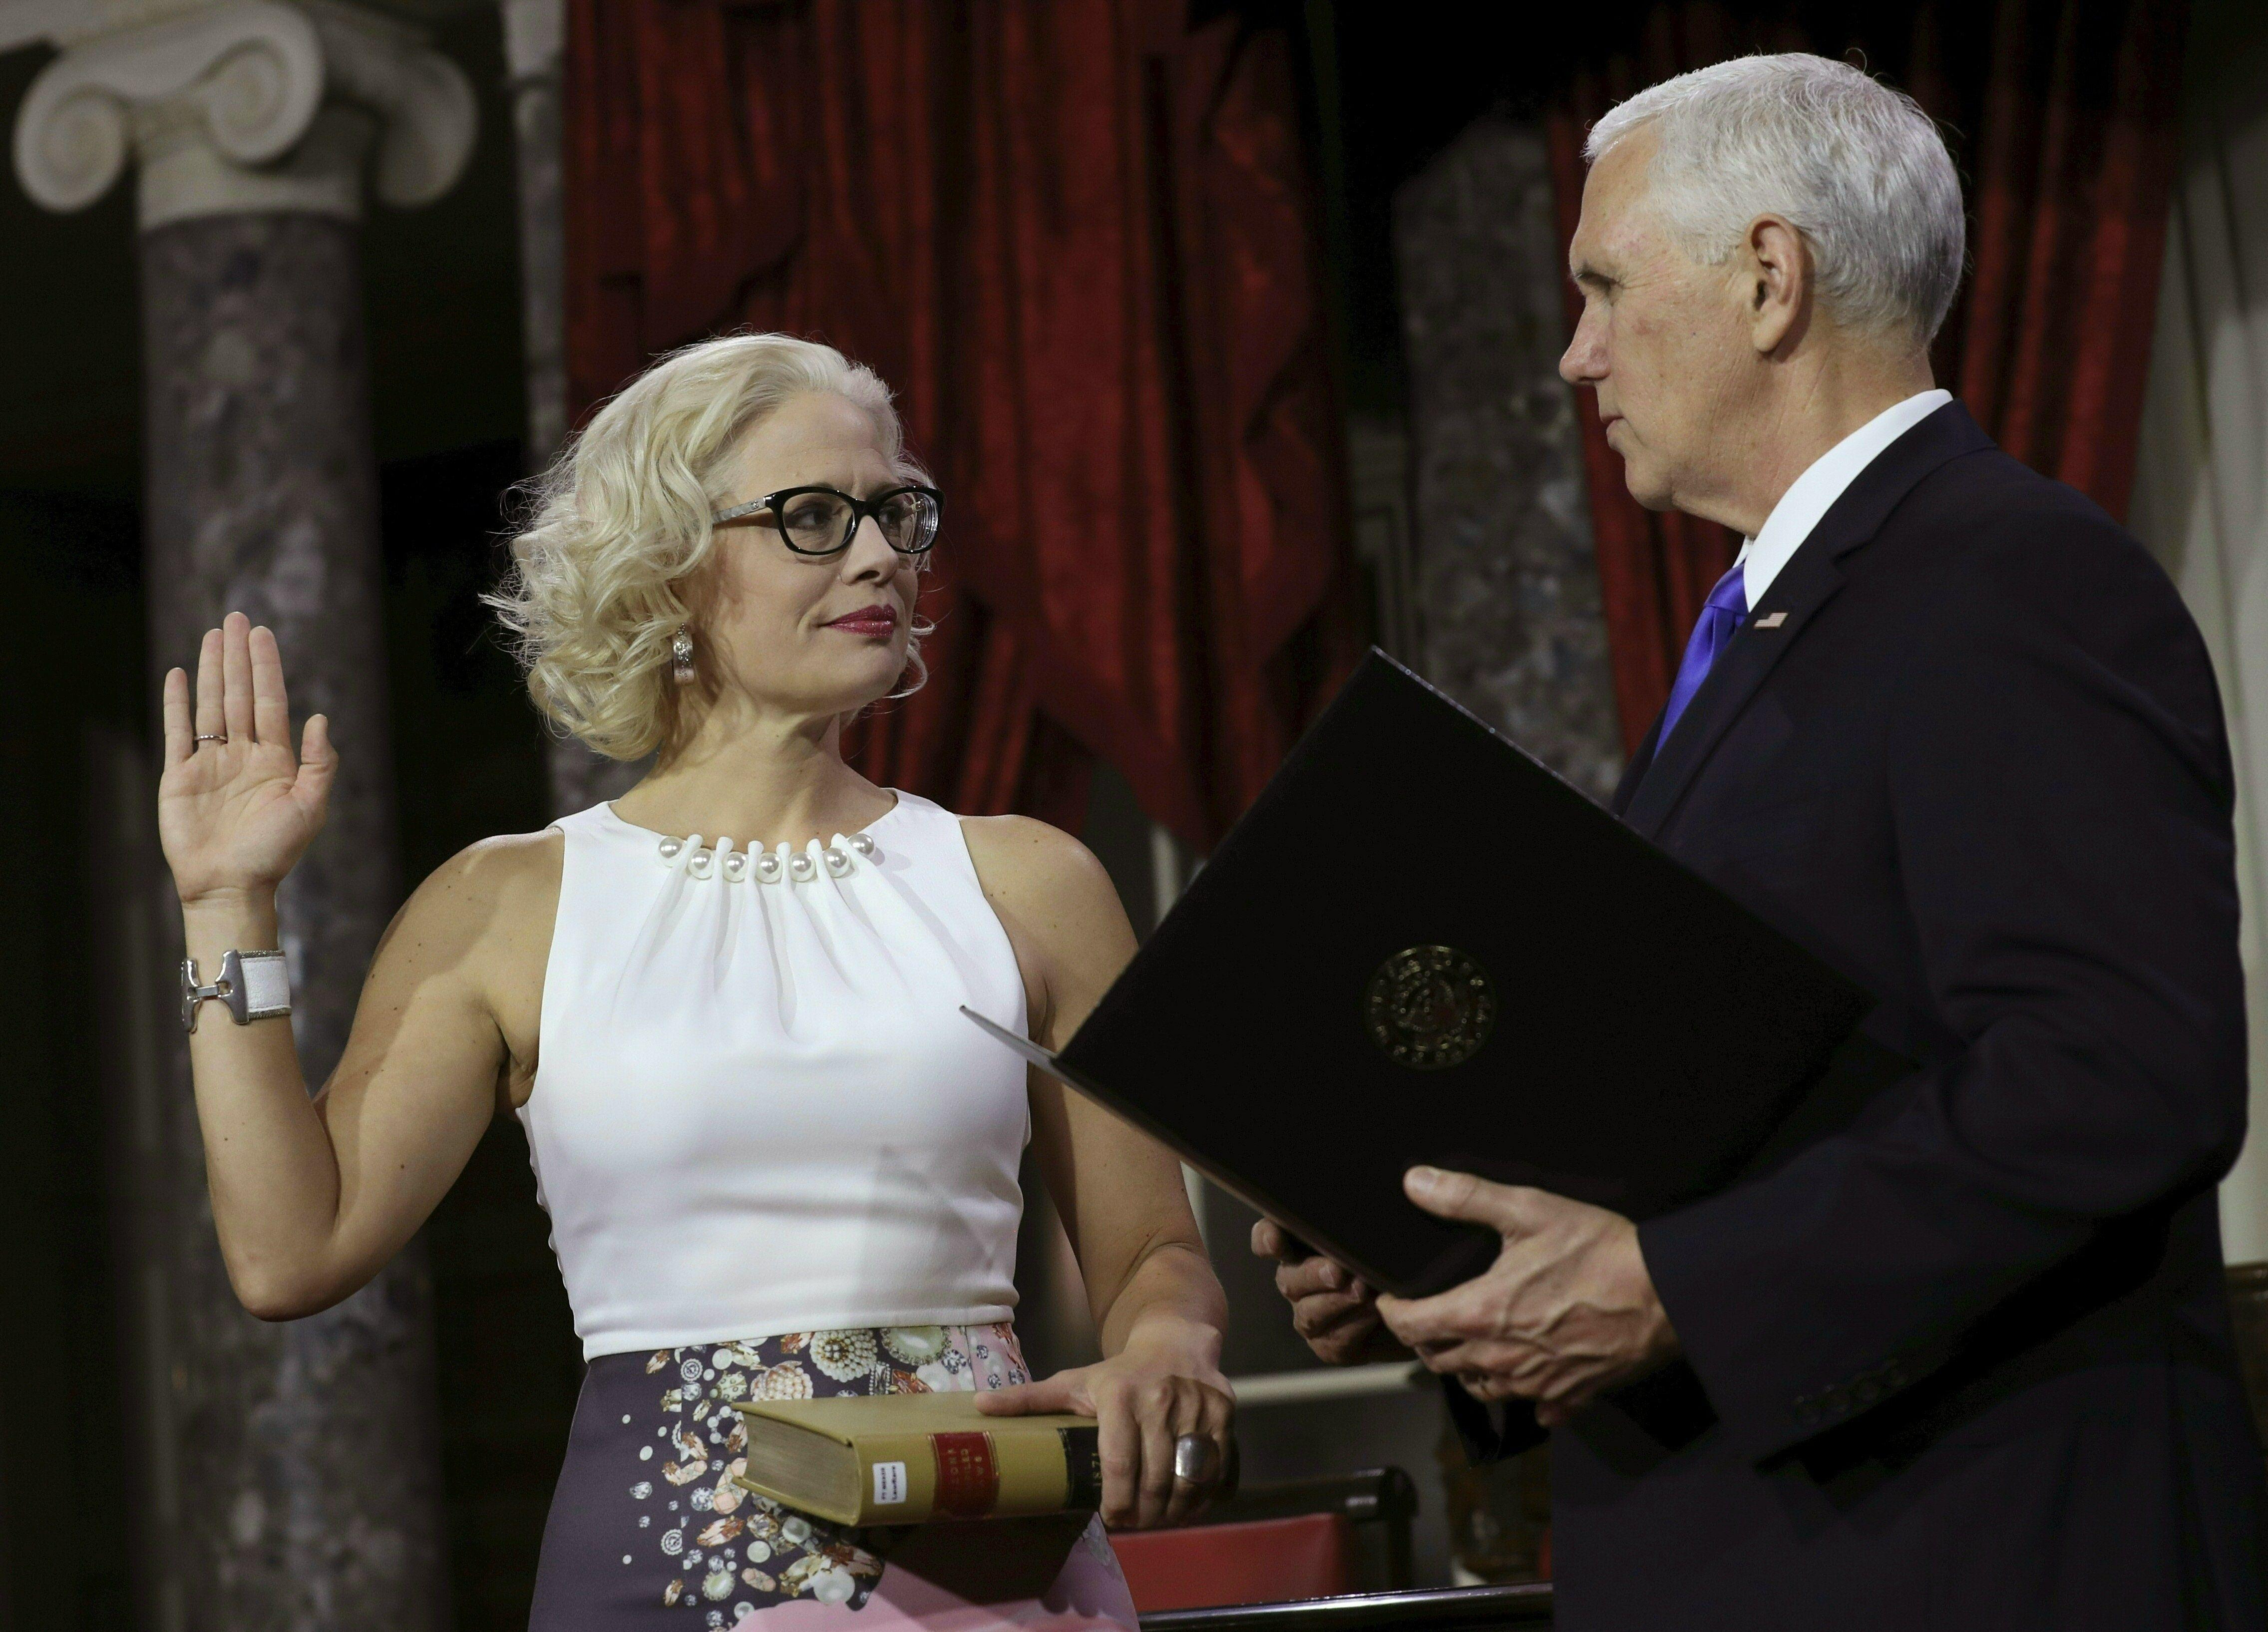 Kirsten Sinema sworn in by Mike Pence.